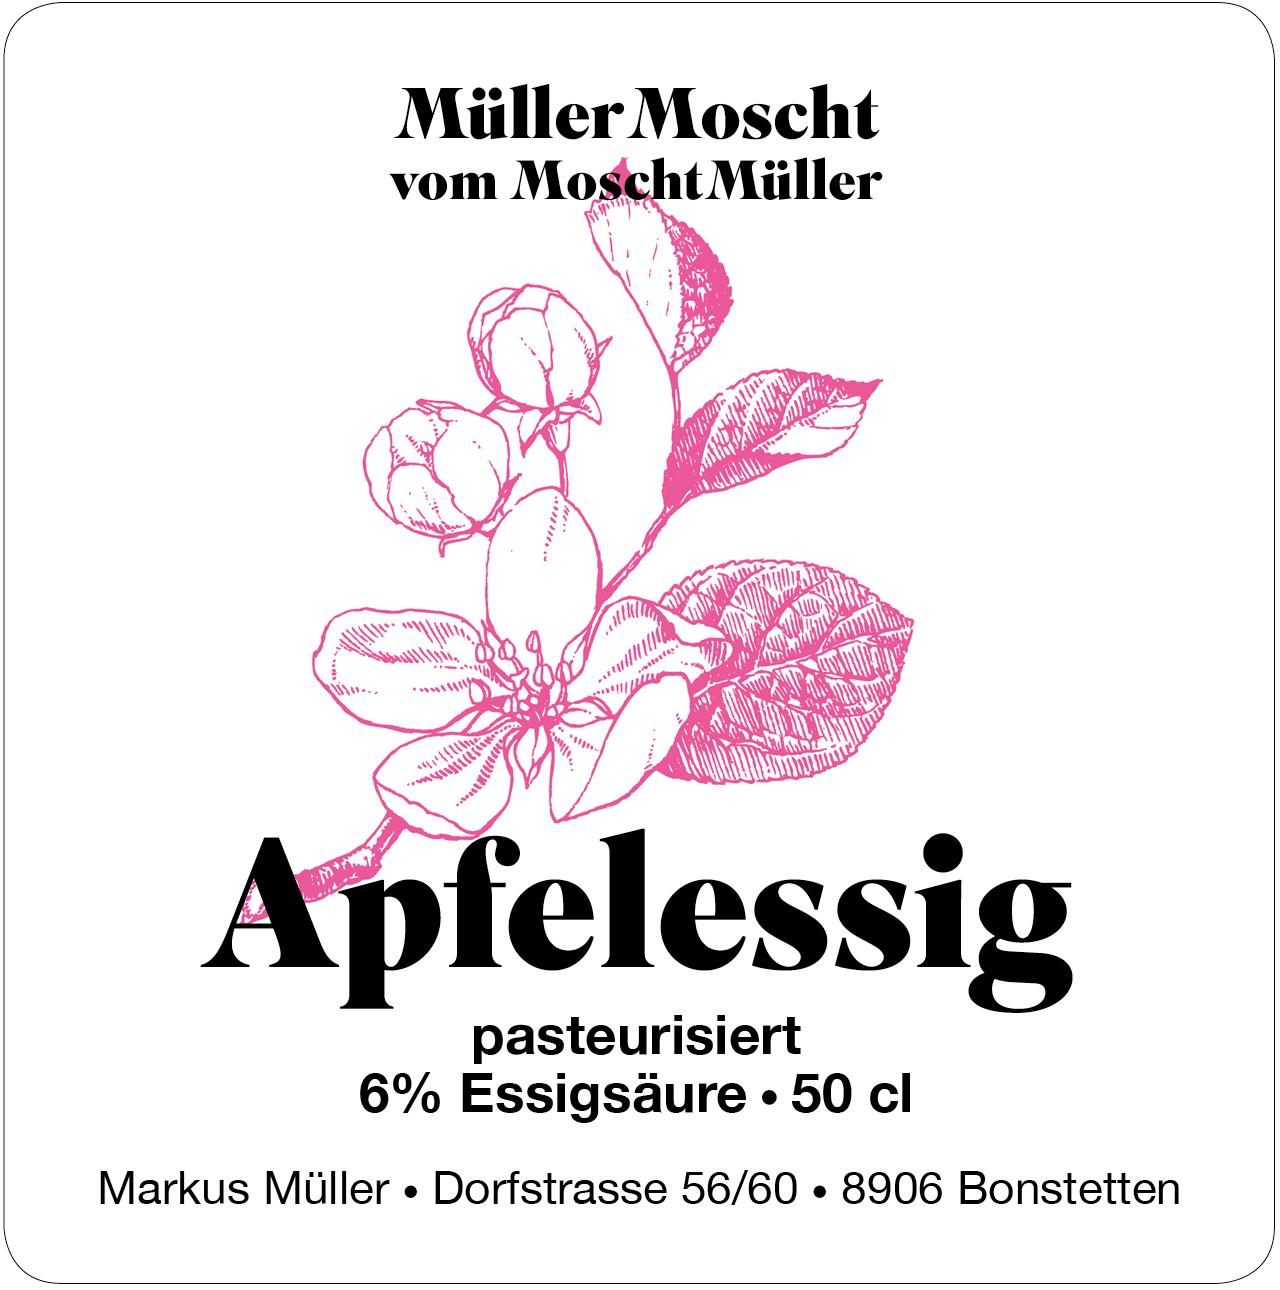 Müller Moscht, Apfelessig, Bonstetten, Markus und Hedi Müller